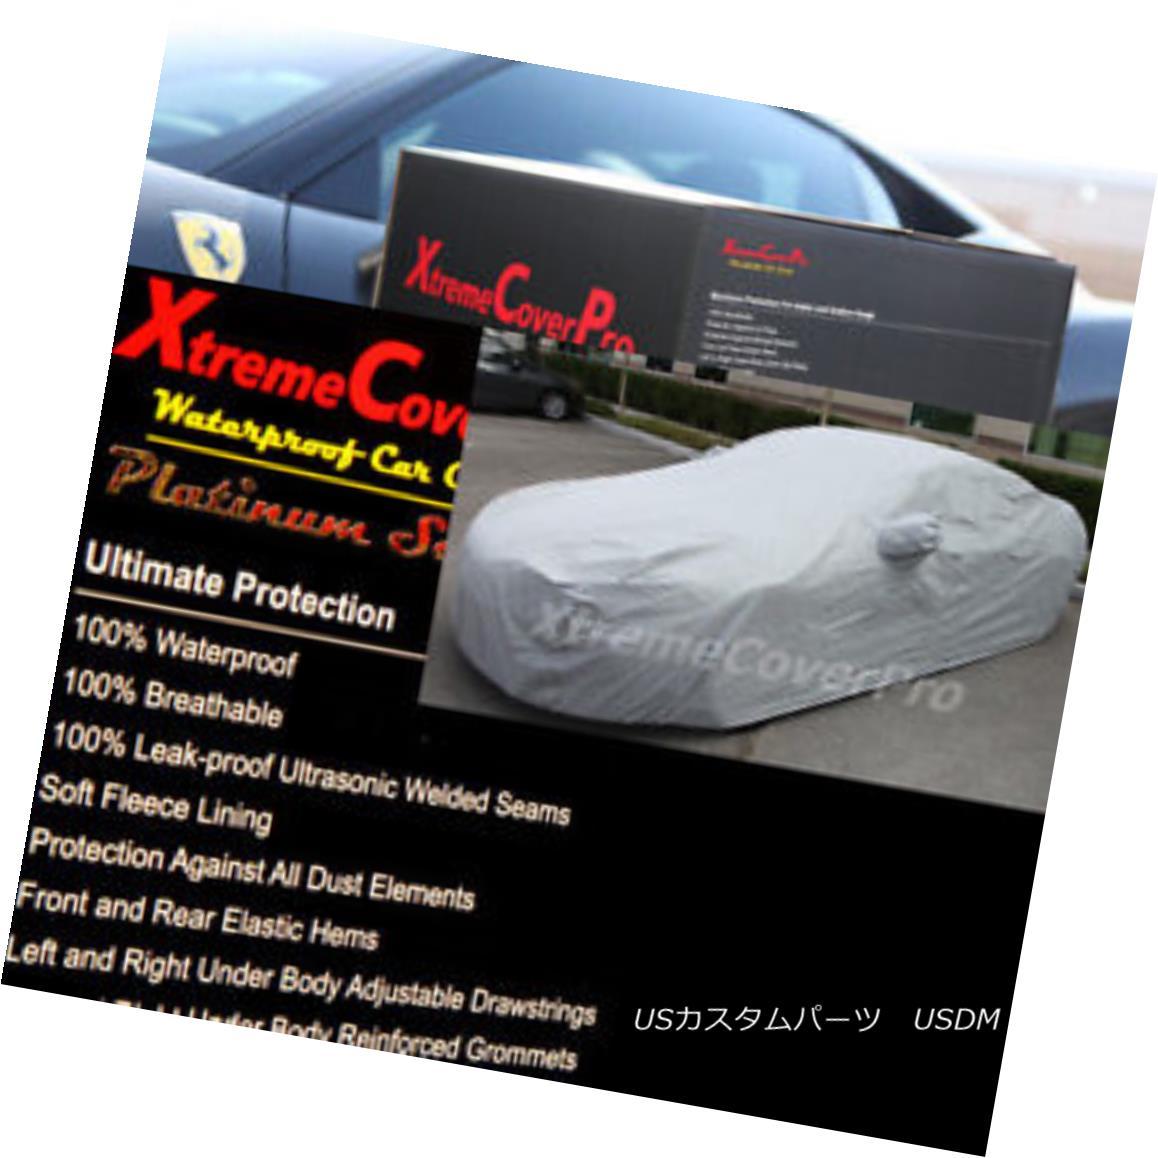 カーカバー 1988 1989 1990 1991 1992 Chevy Corvette Waterproof Car Cover w/MirrorPocket 1988年1989年1990年1991年1992年シボレーコルベット防水カーカバー付き(MirrorPocket)